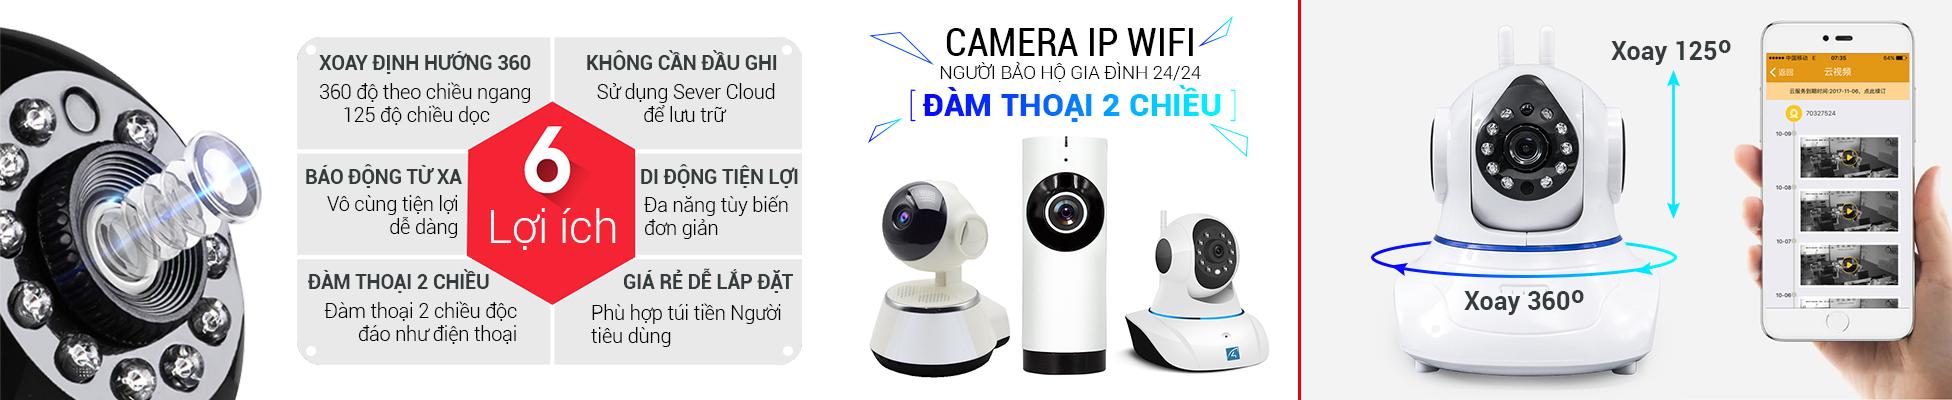 Camera ip wifi thông minh không dây giám sát giá rẻ tại TP HCM